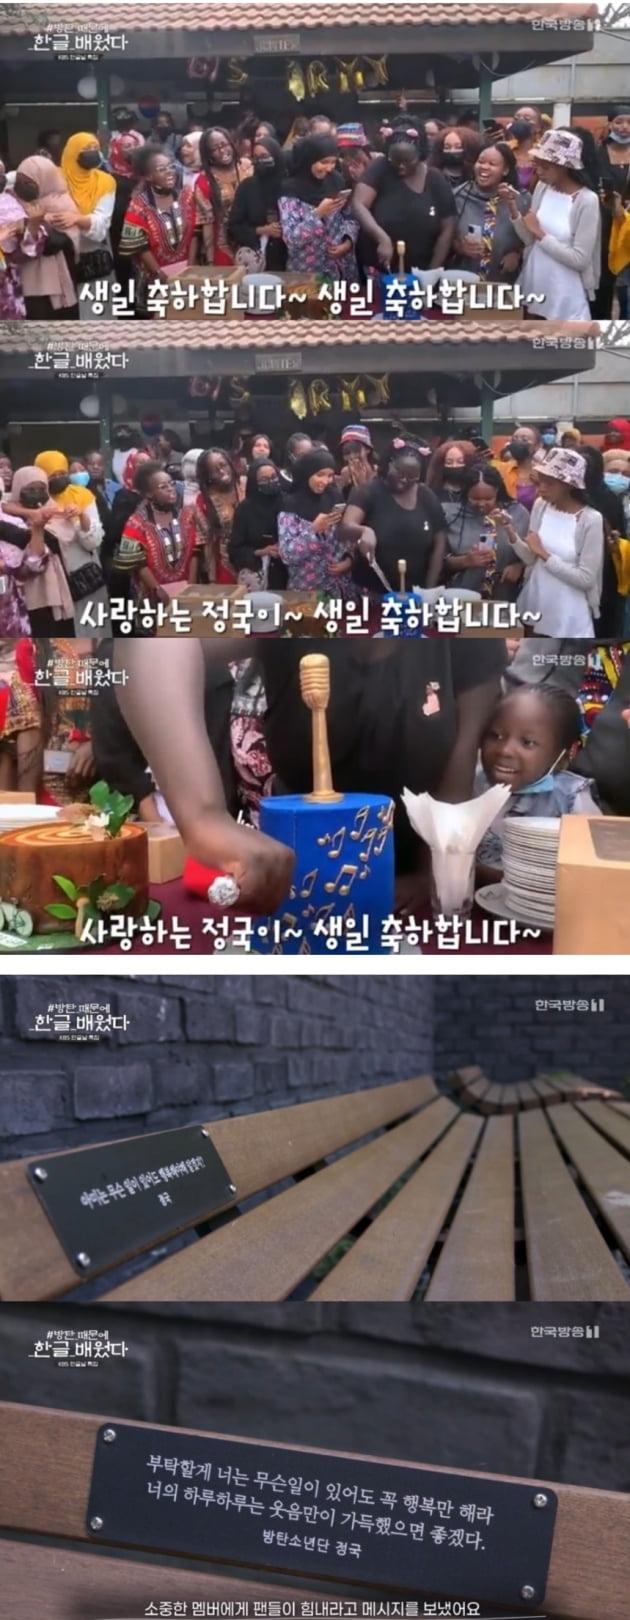 방탄소년단 정국 생일, 케냐에선 '생일 축하합니다!' 한국어 노래로 축하